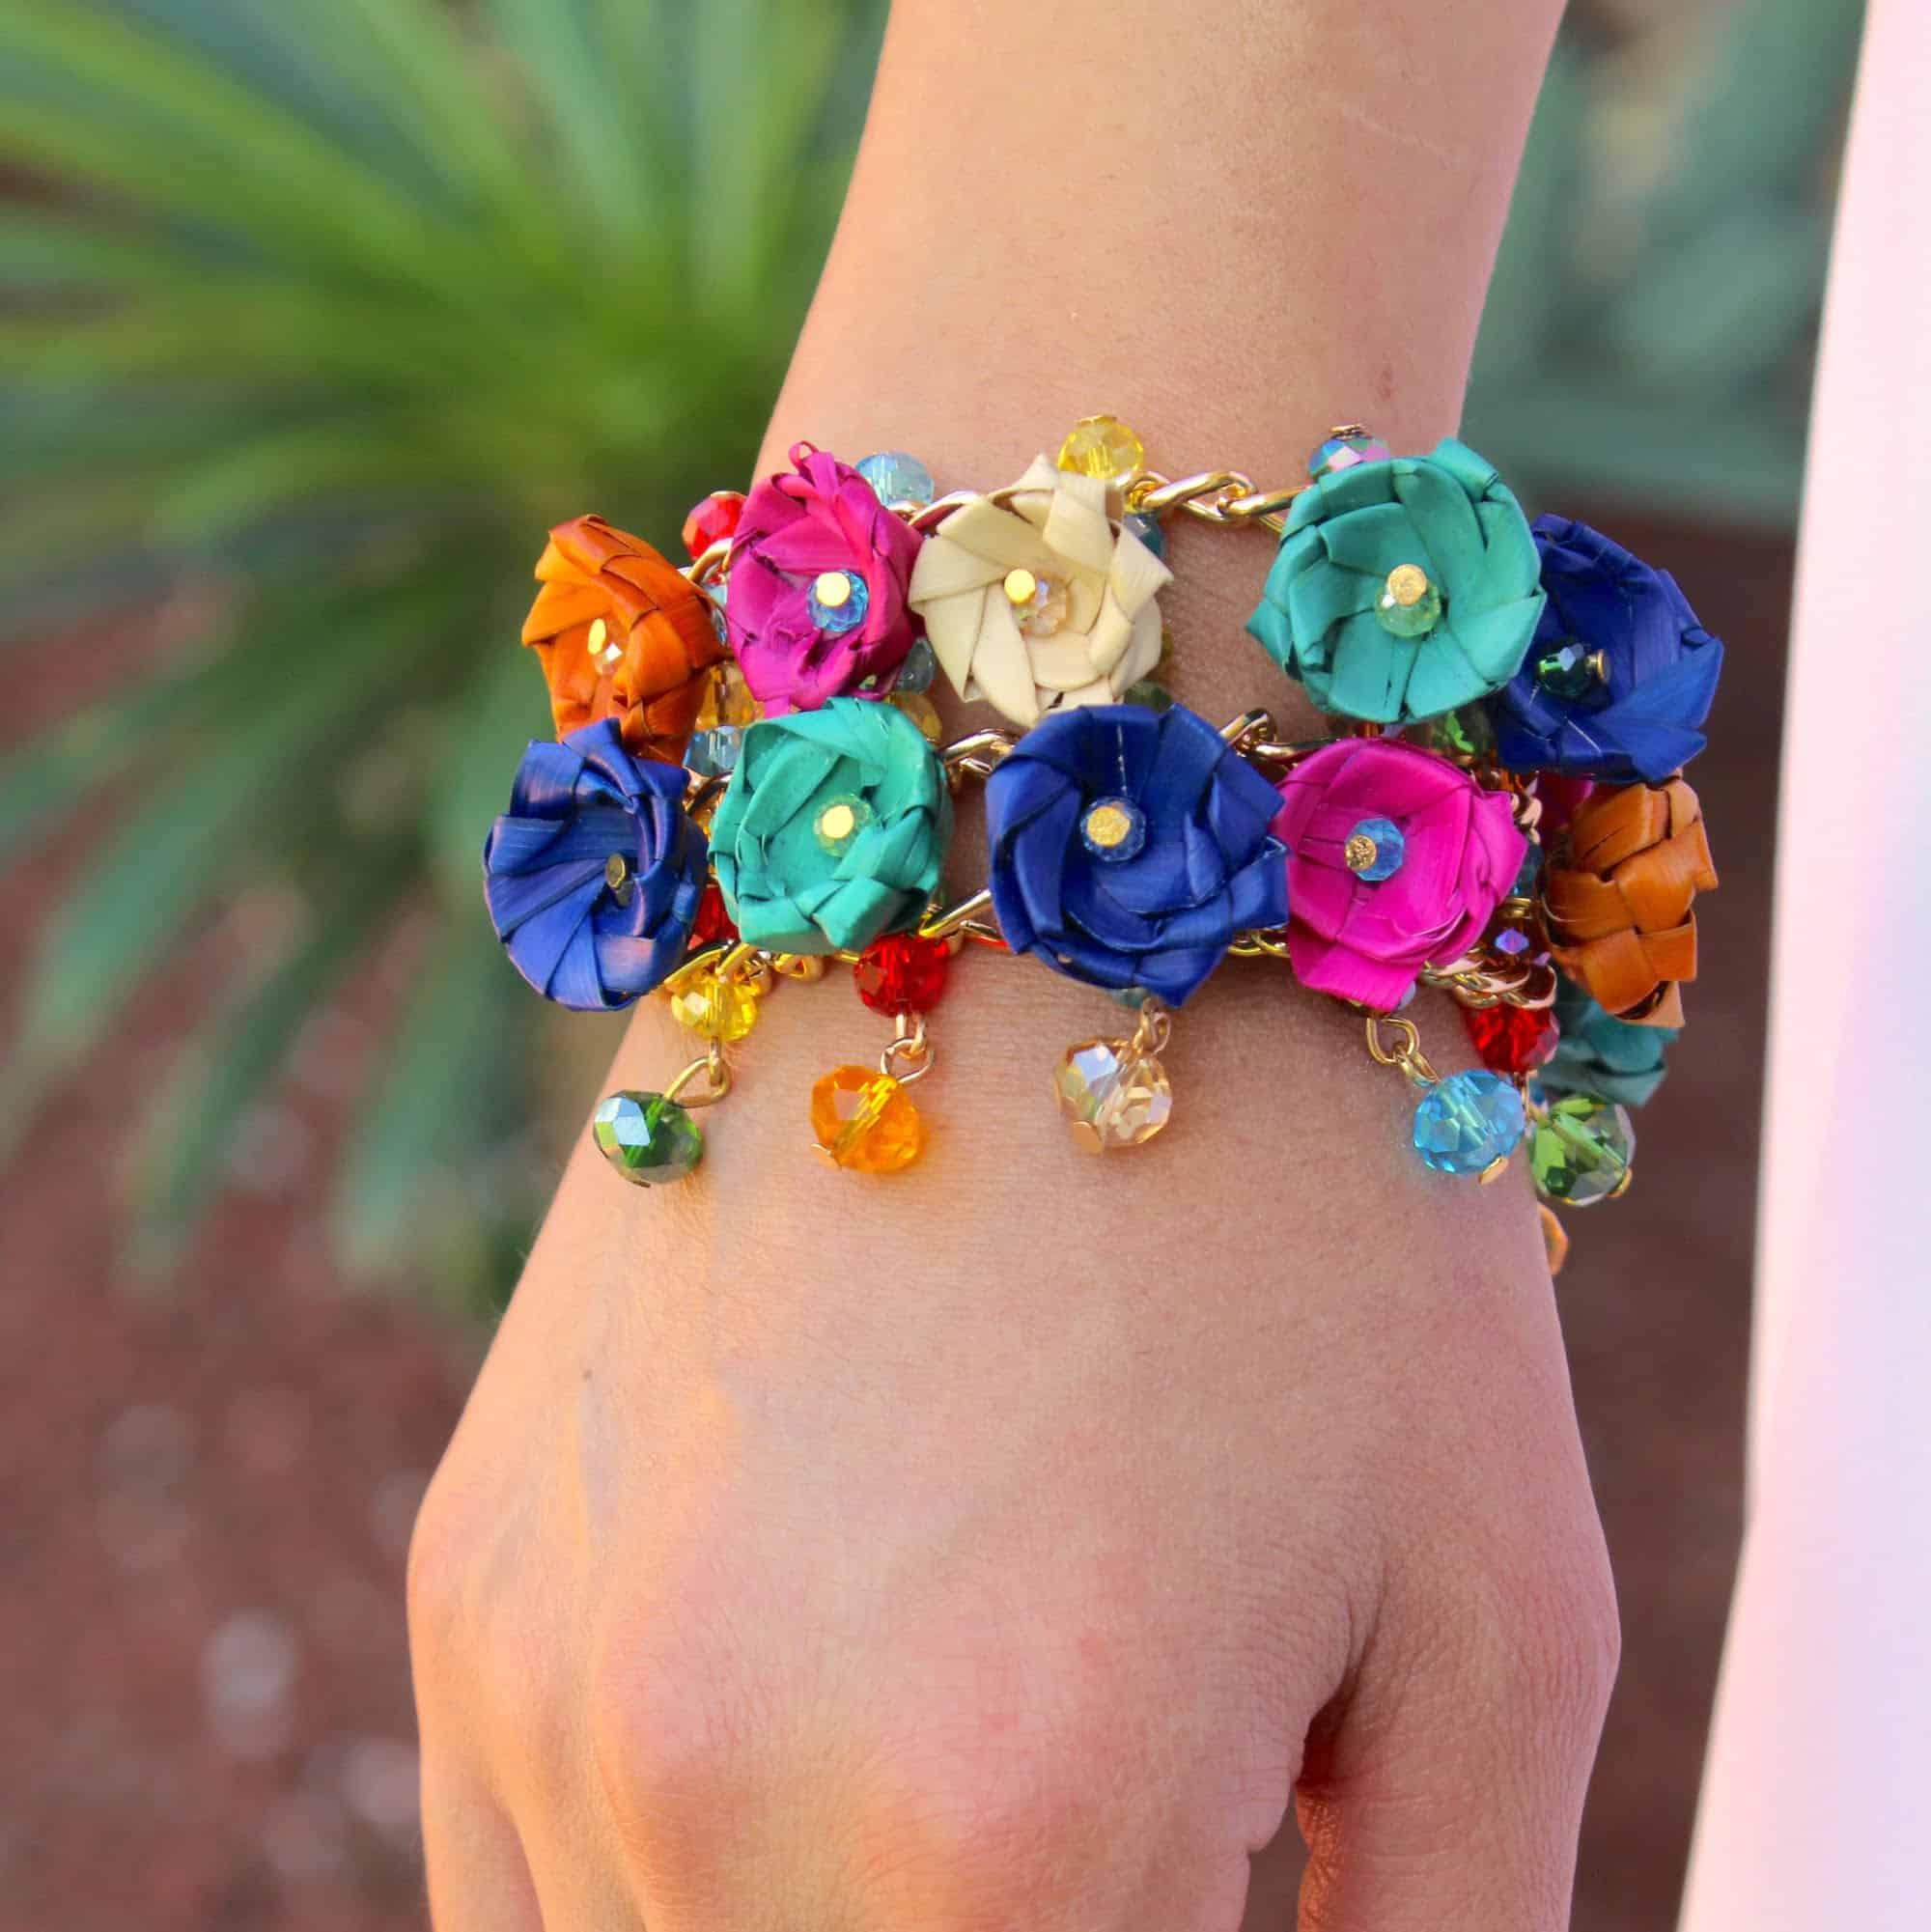 Las pulseras artesanales mexicanas representan una moda milenaria